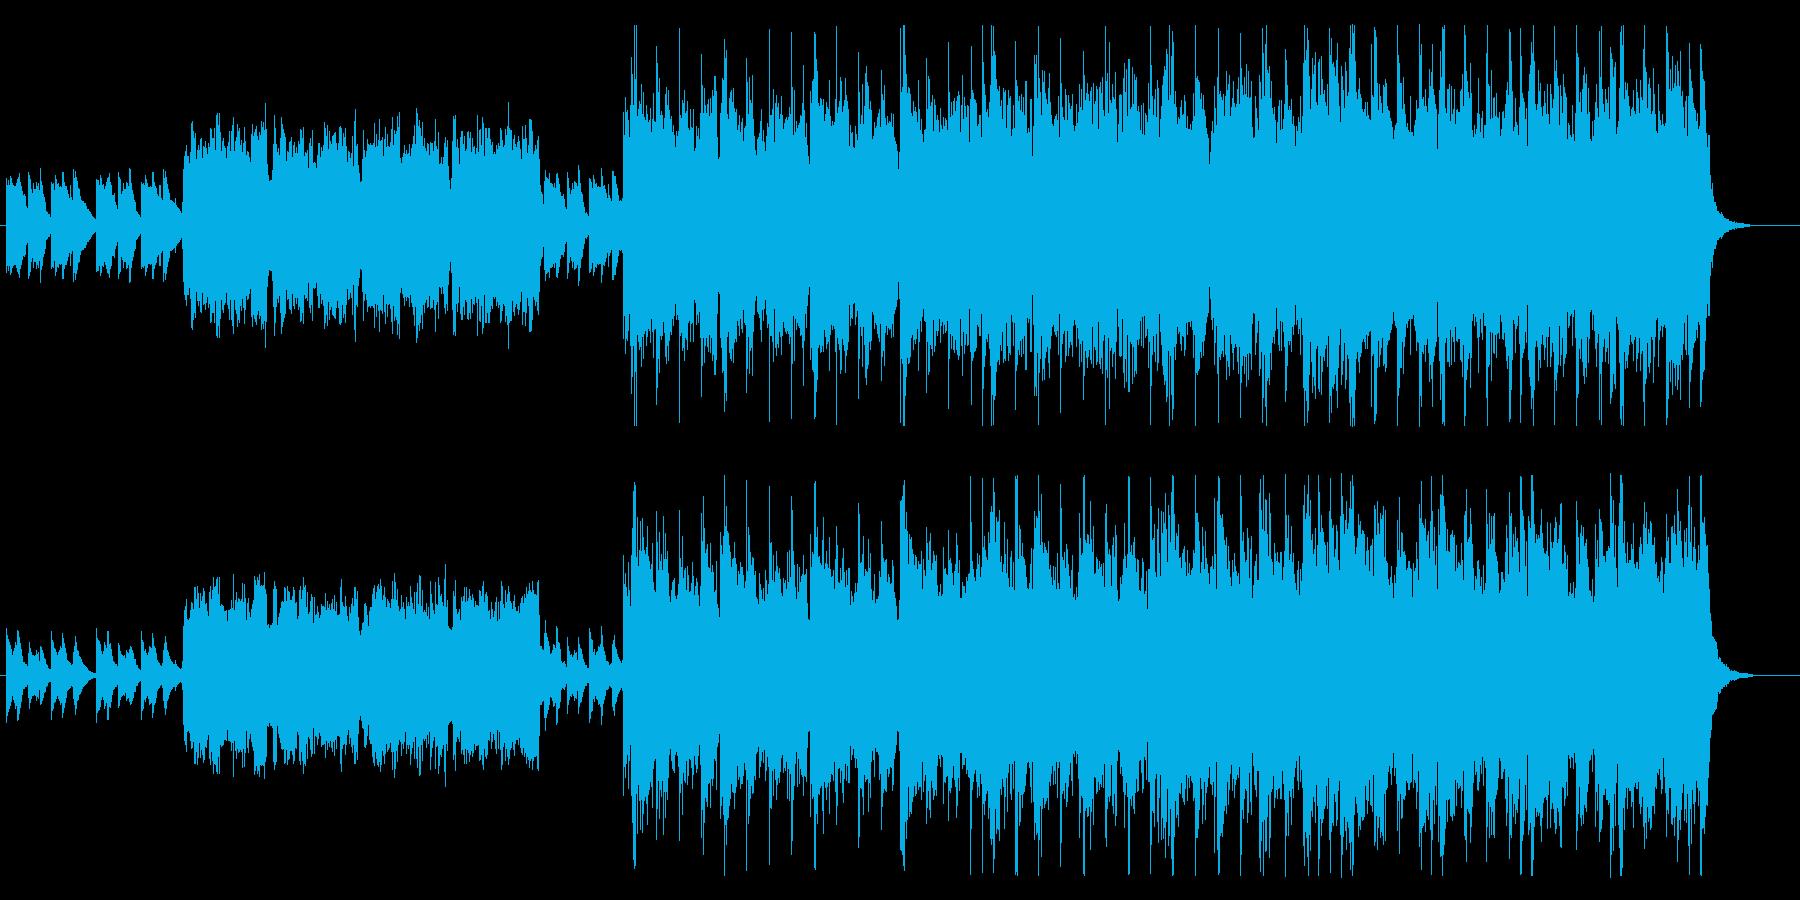 はるか太古の伝説をイメージしたBGMの再生済みの波形